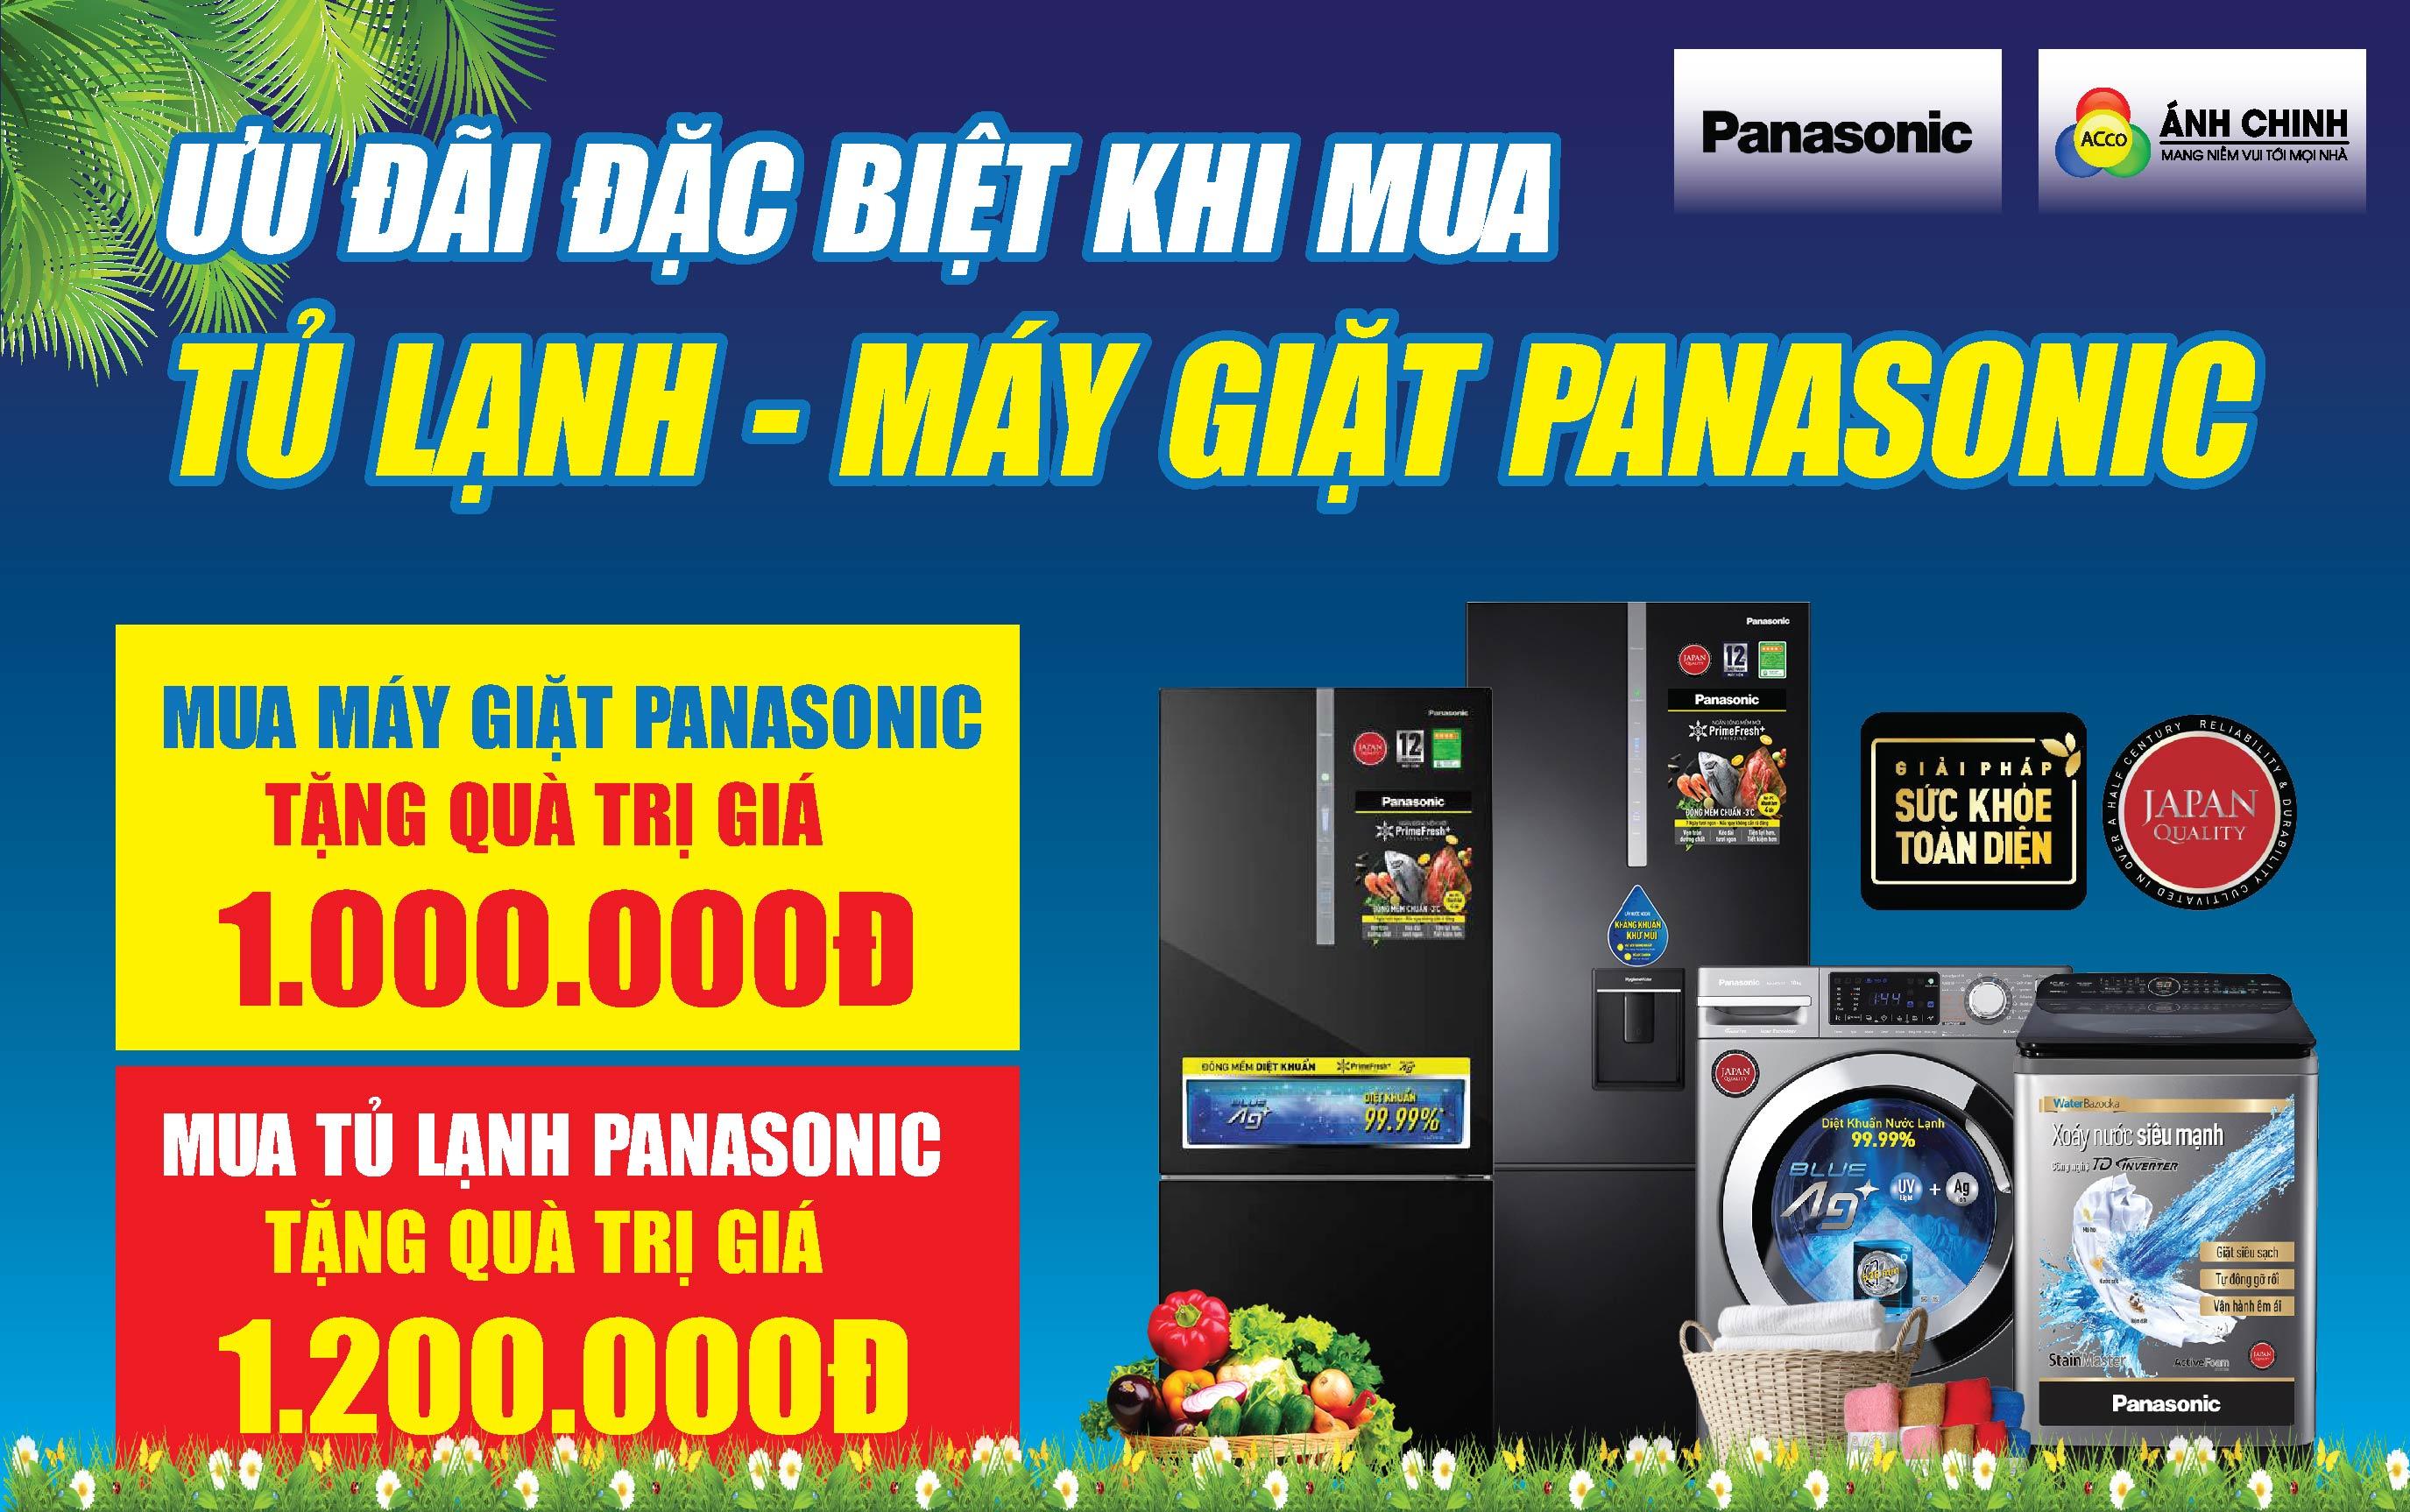 Tặng quà đến 1.200.000đ khi mua Máy giặt, Tủ lạnh Panasonic